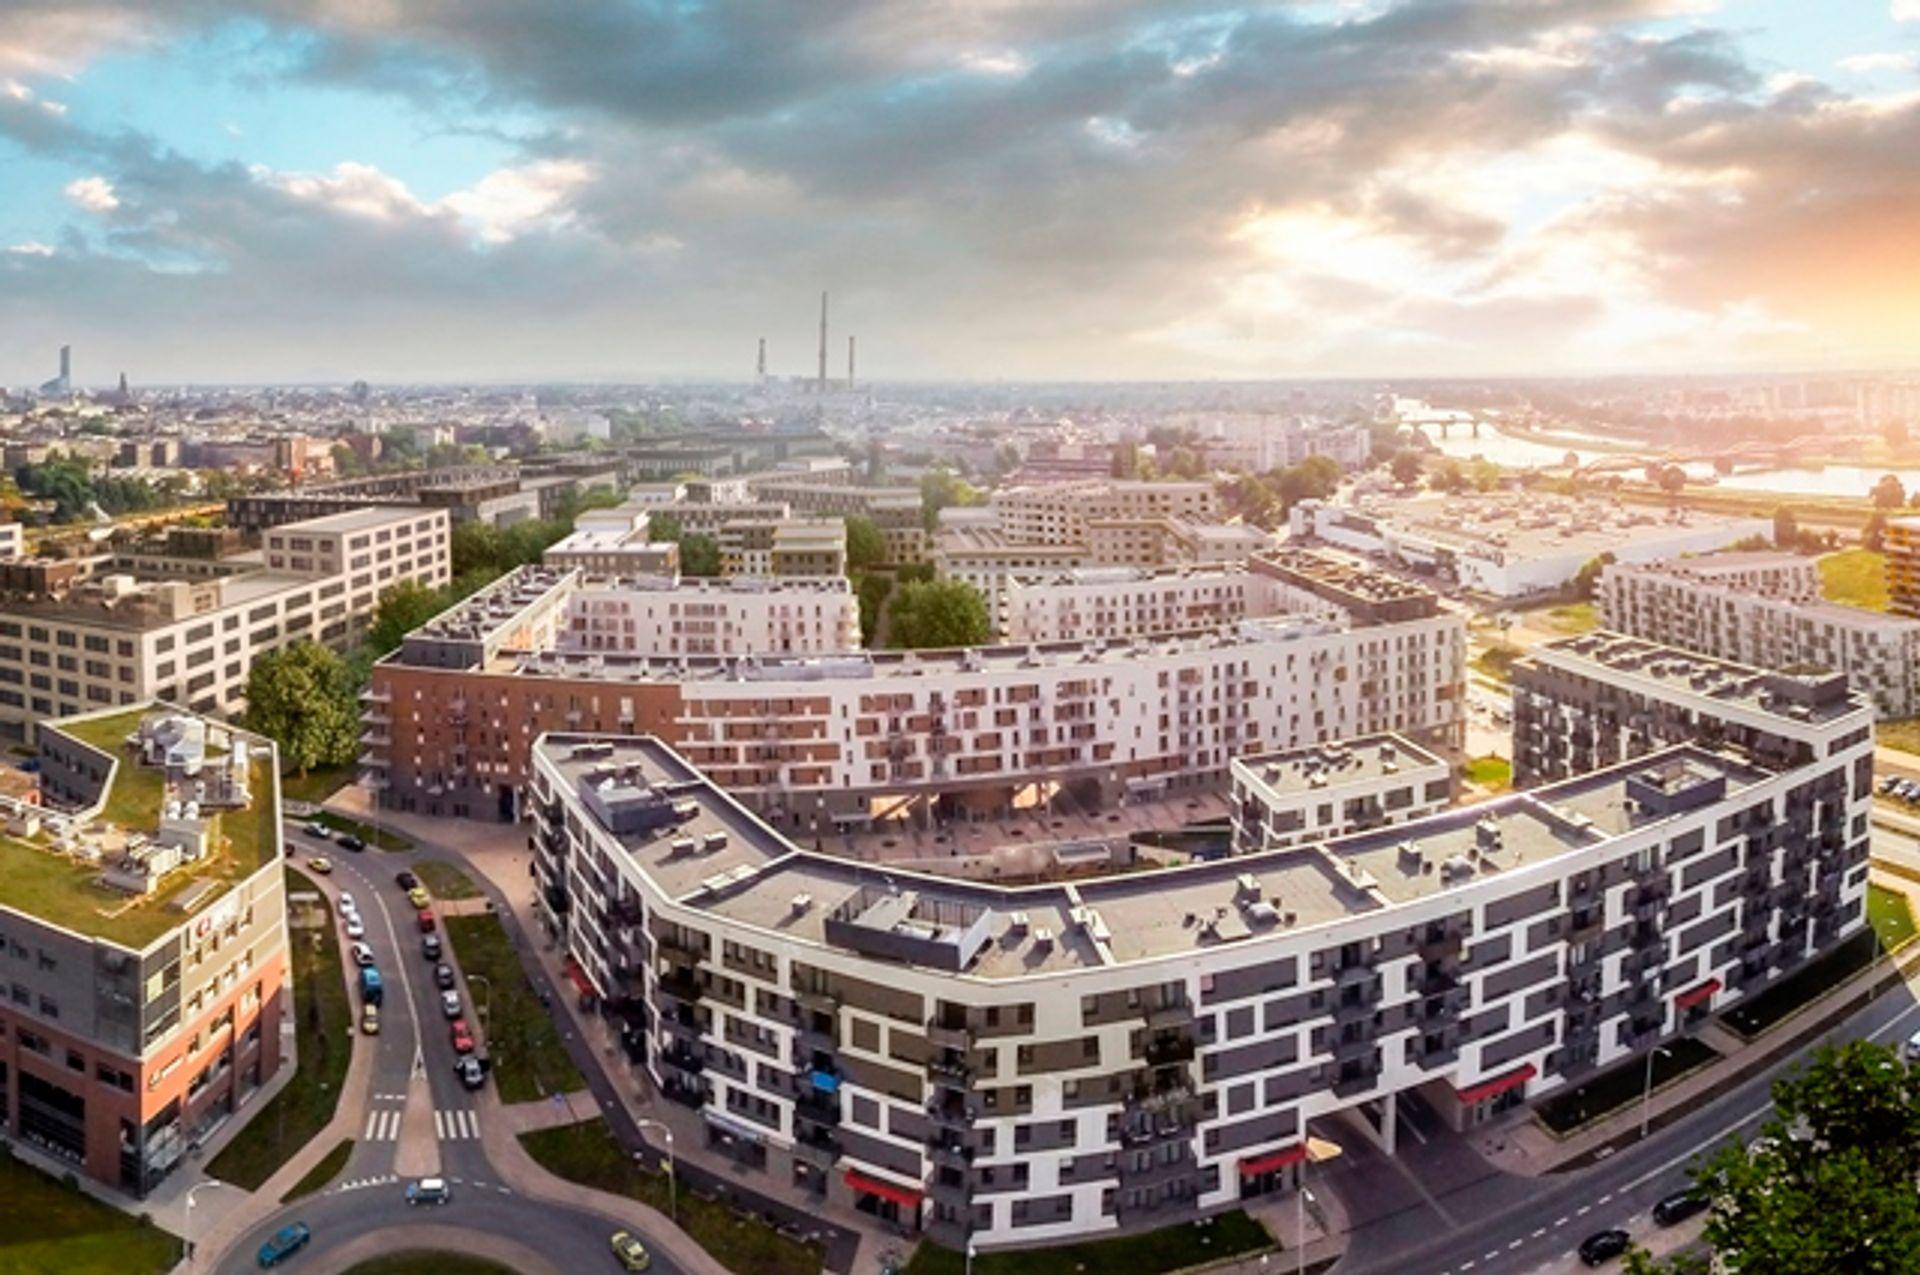 [Wrocław] Ruszyła budowa kolejnego etapu Promenad Wrocławskich